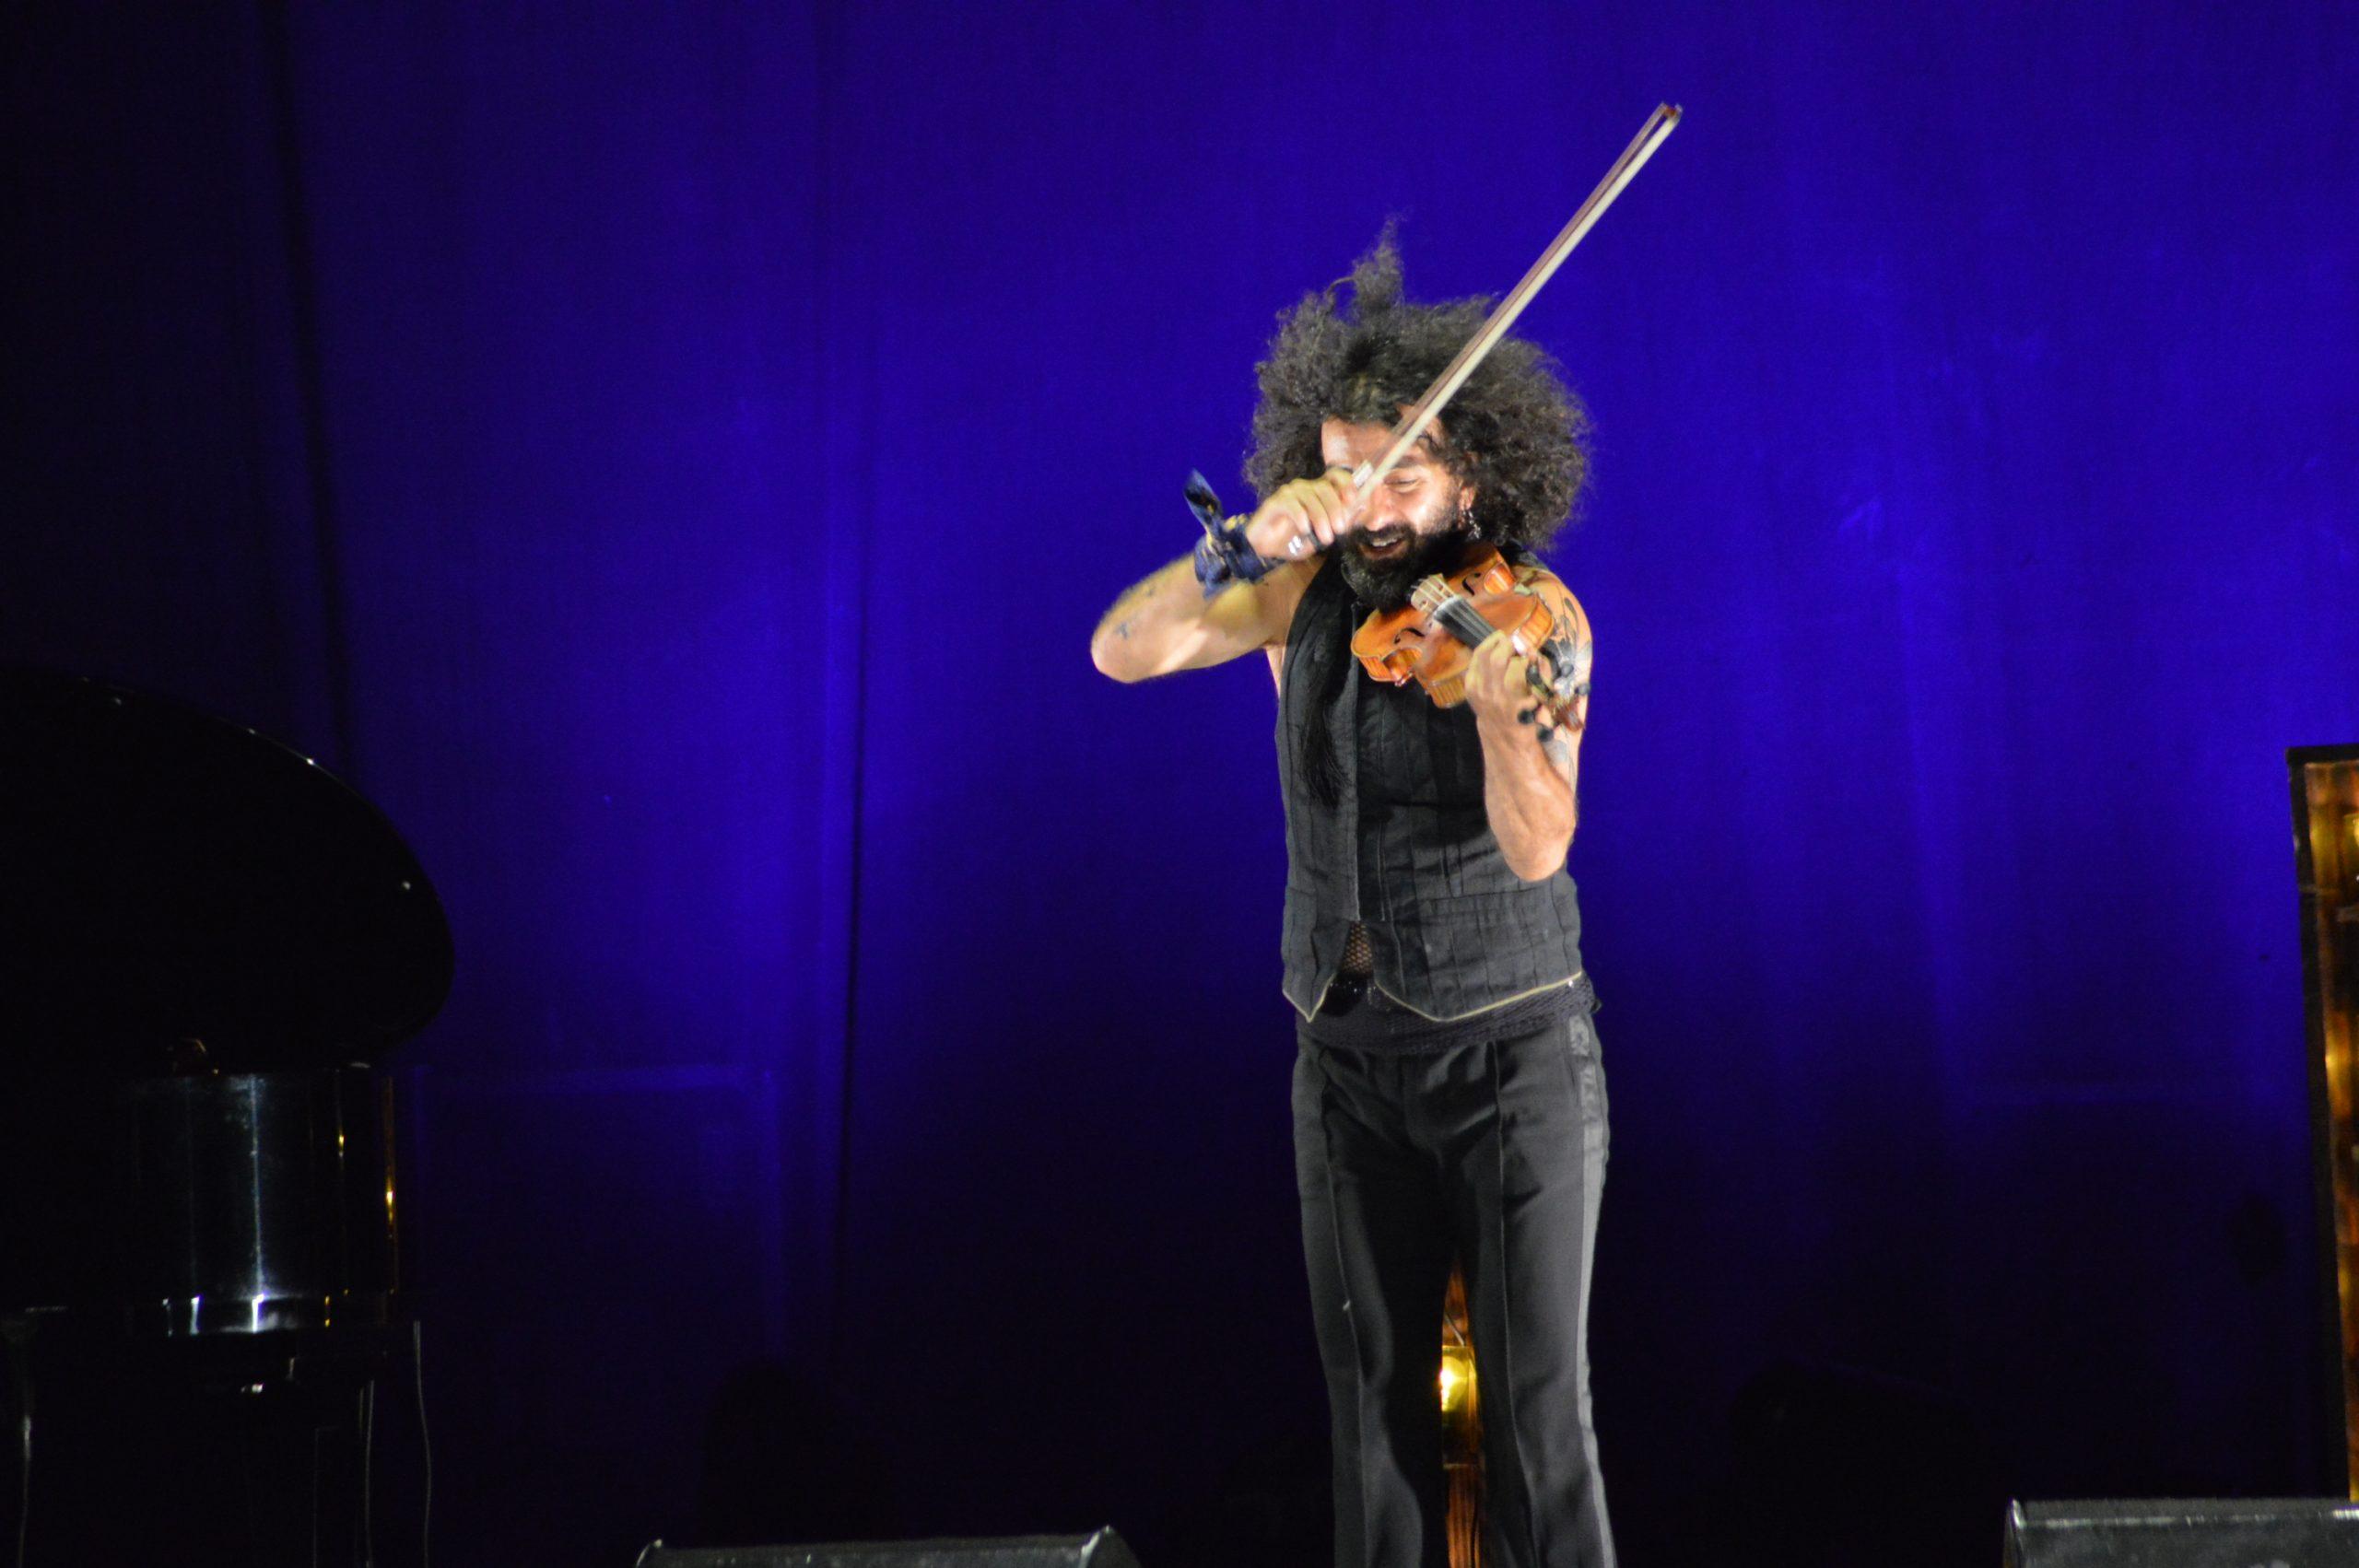 Ara Malikian emociona en su regreso a Ponferrada demostrando una vez más su virtuosismo con el violín 29